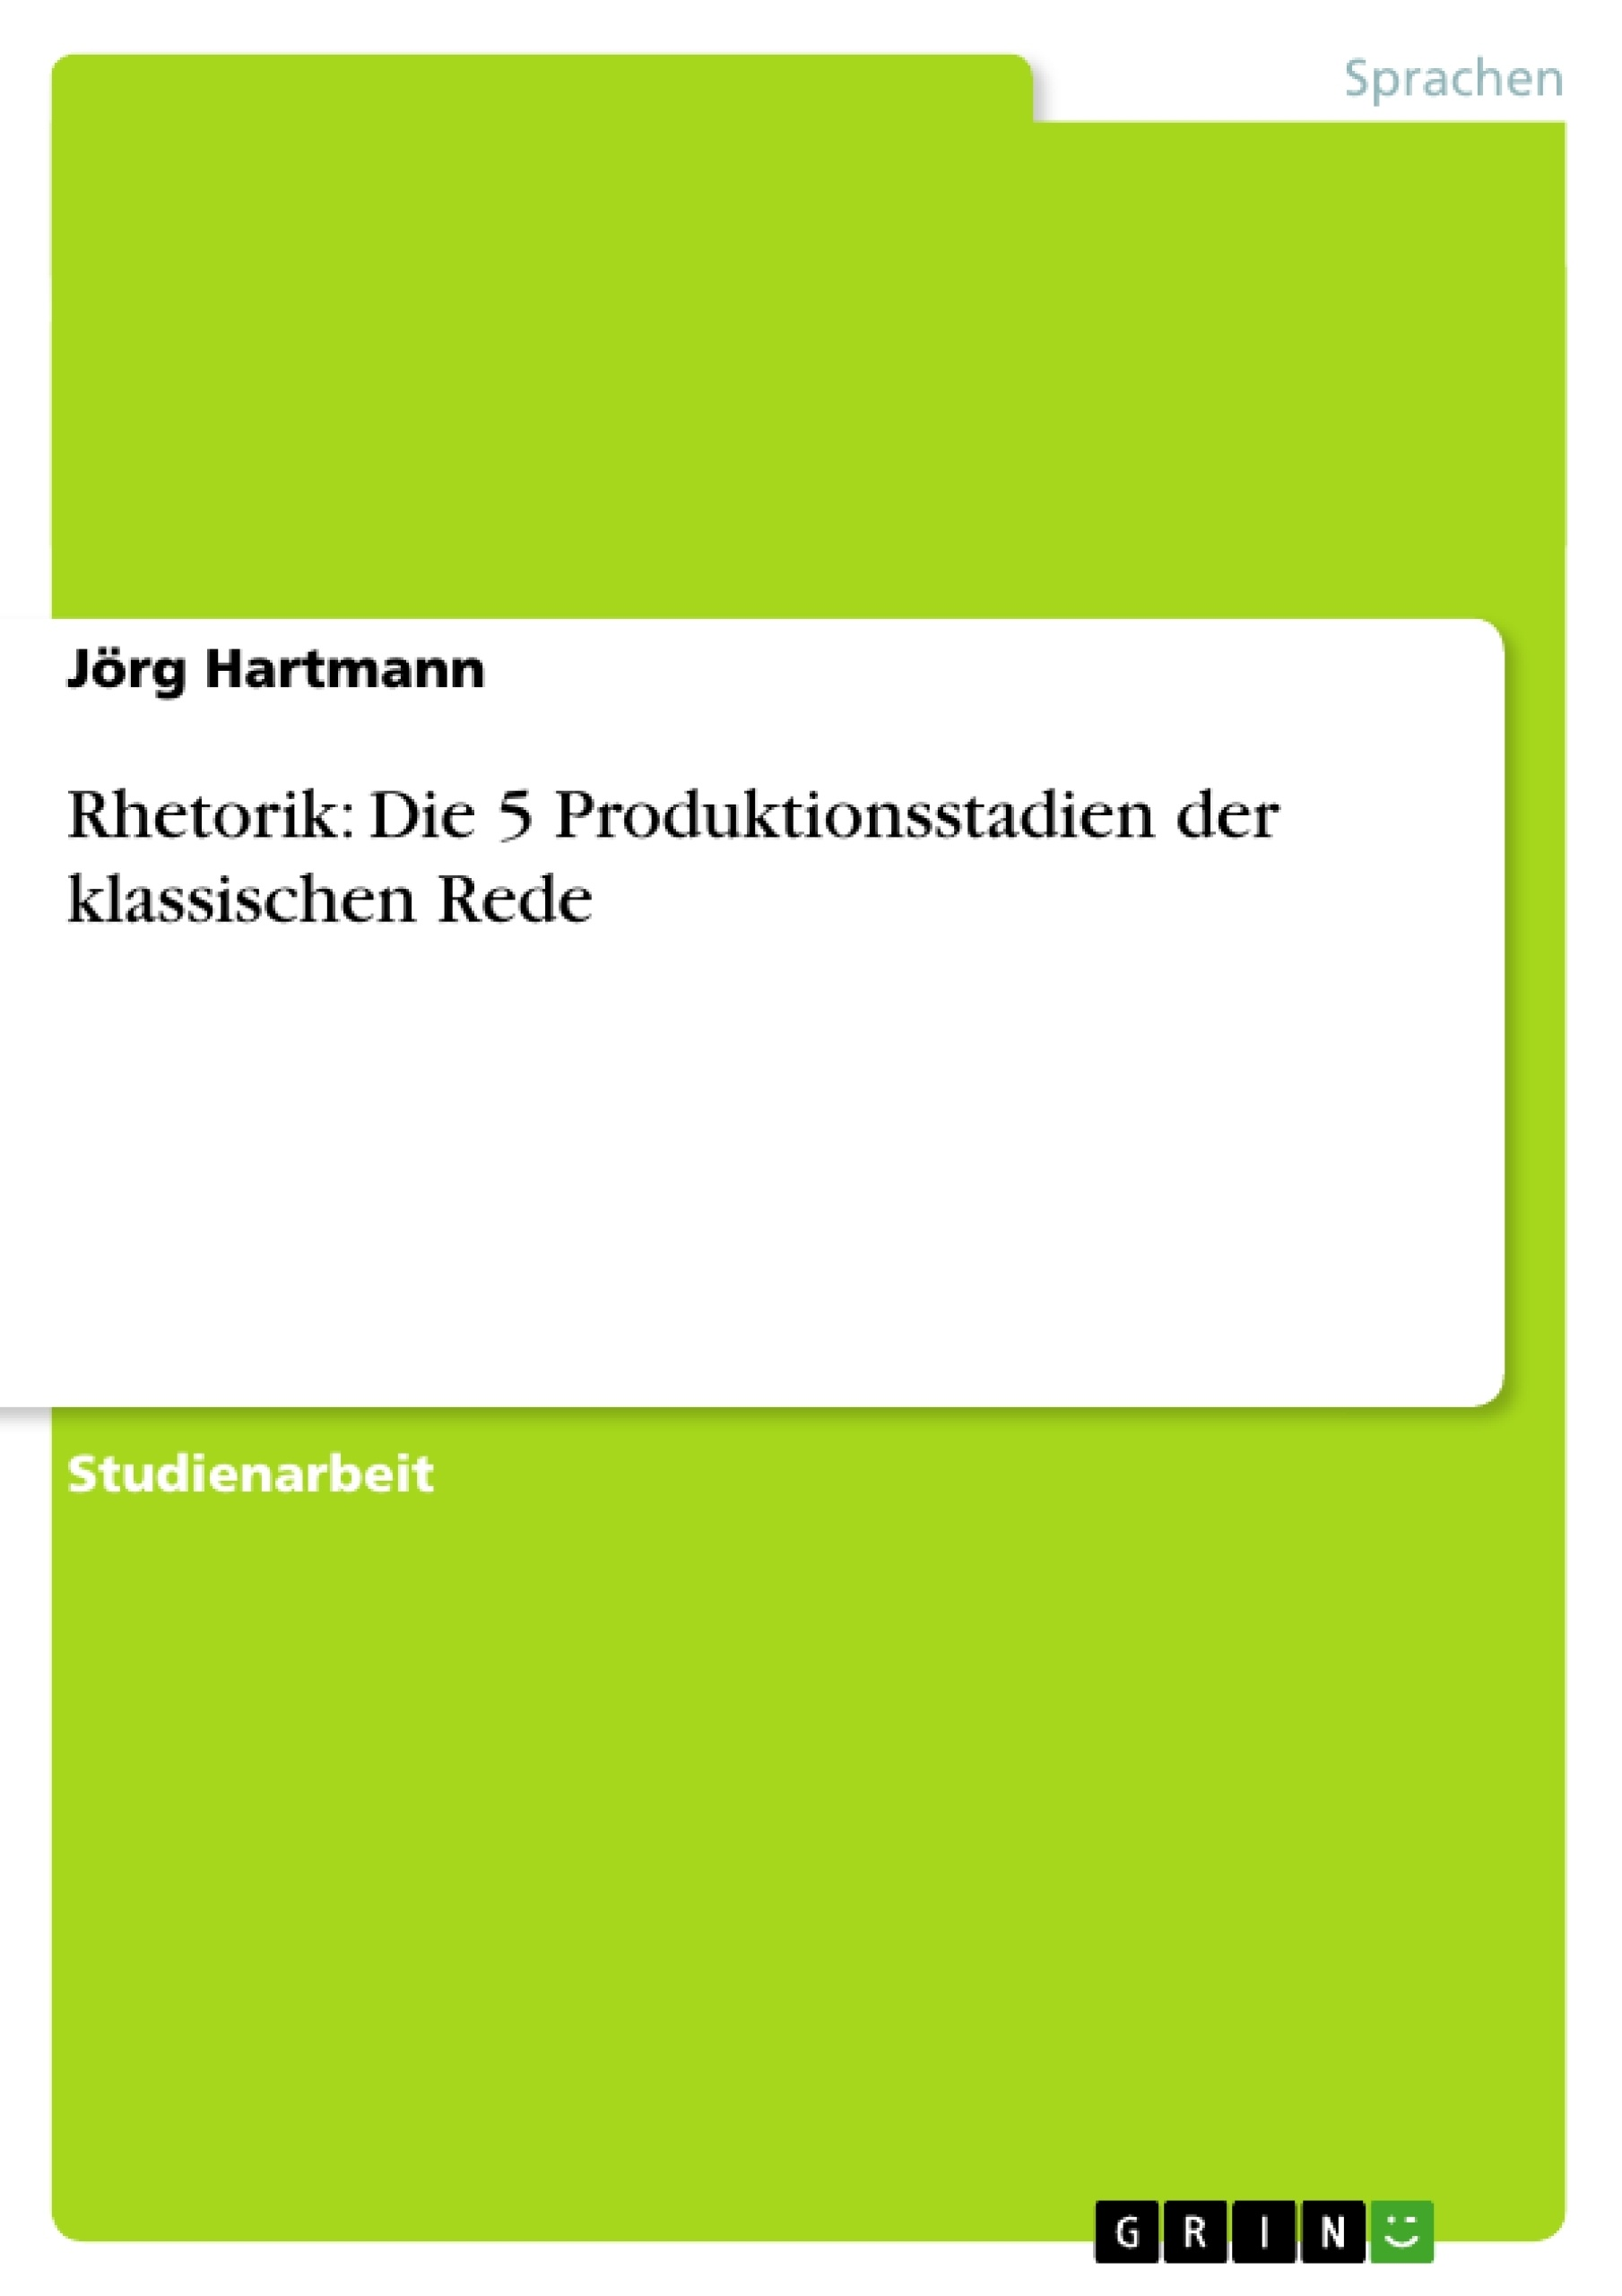 Titel: Rhetorik: Die 5 Produktionsstadien der klassischen Rede